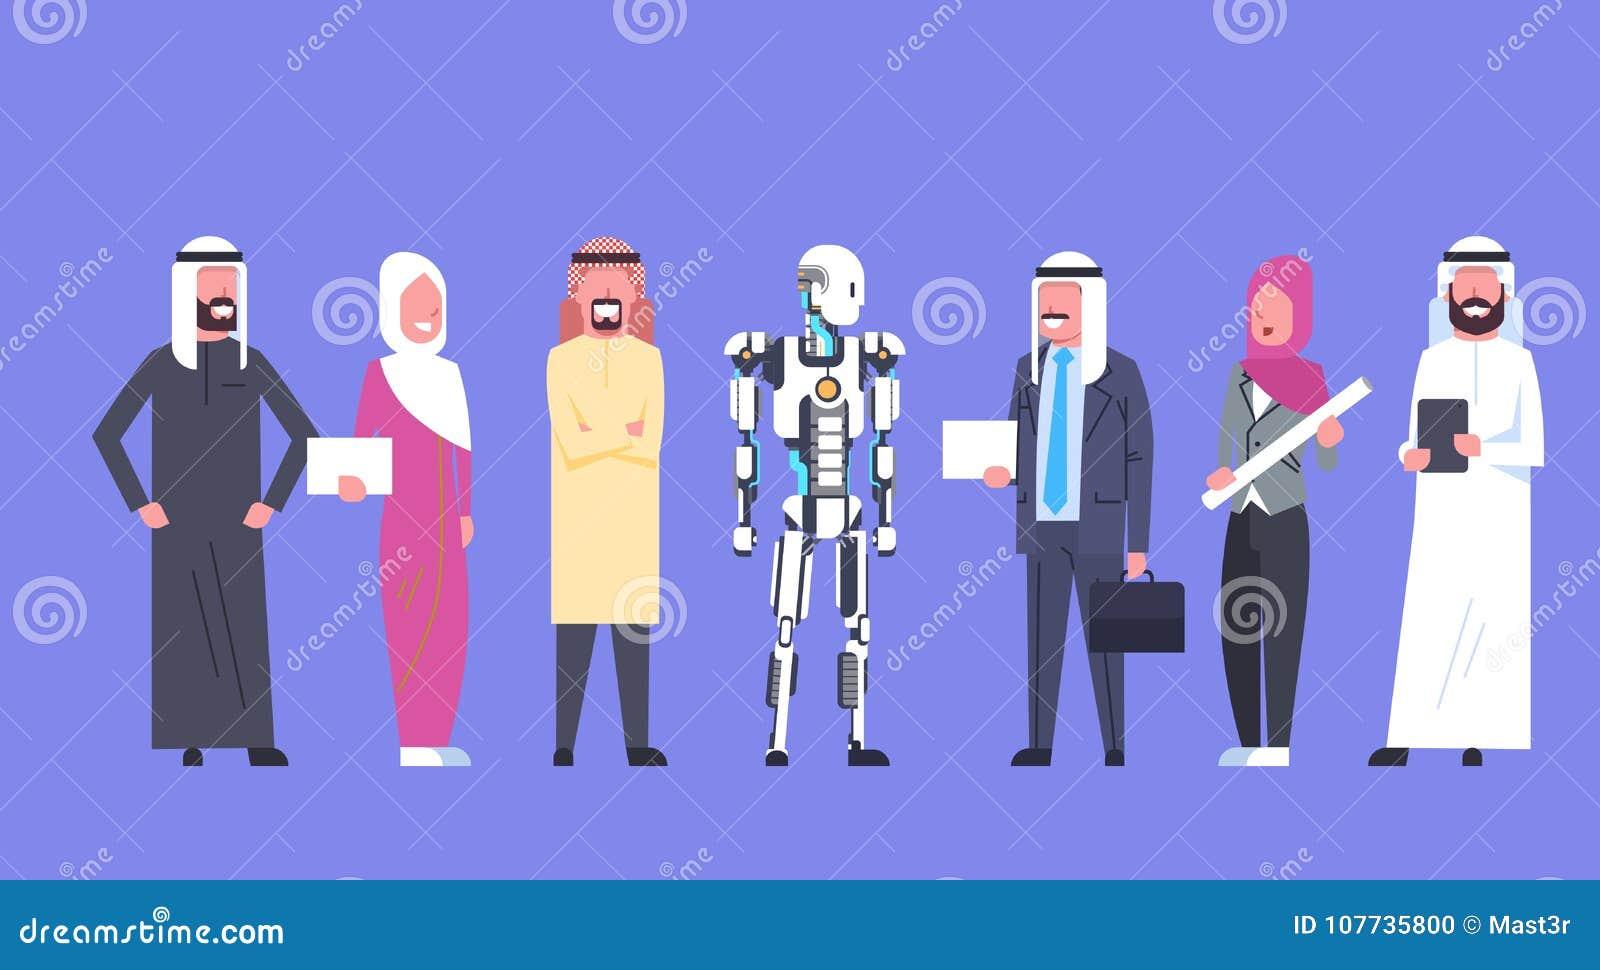 Сотрудничество человека и робота, арабские бизнесмены группы с современное робототехническим, концепции искусственного интеллекта